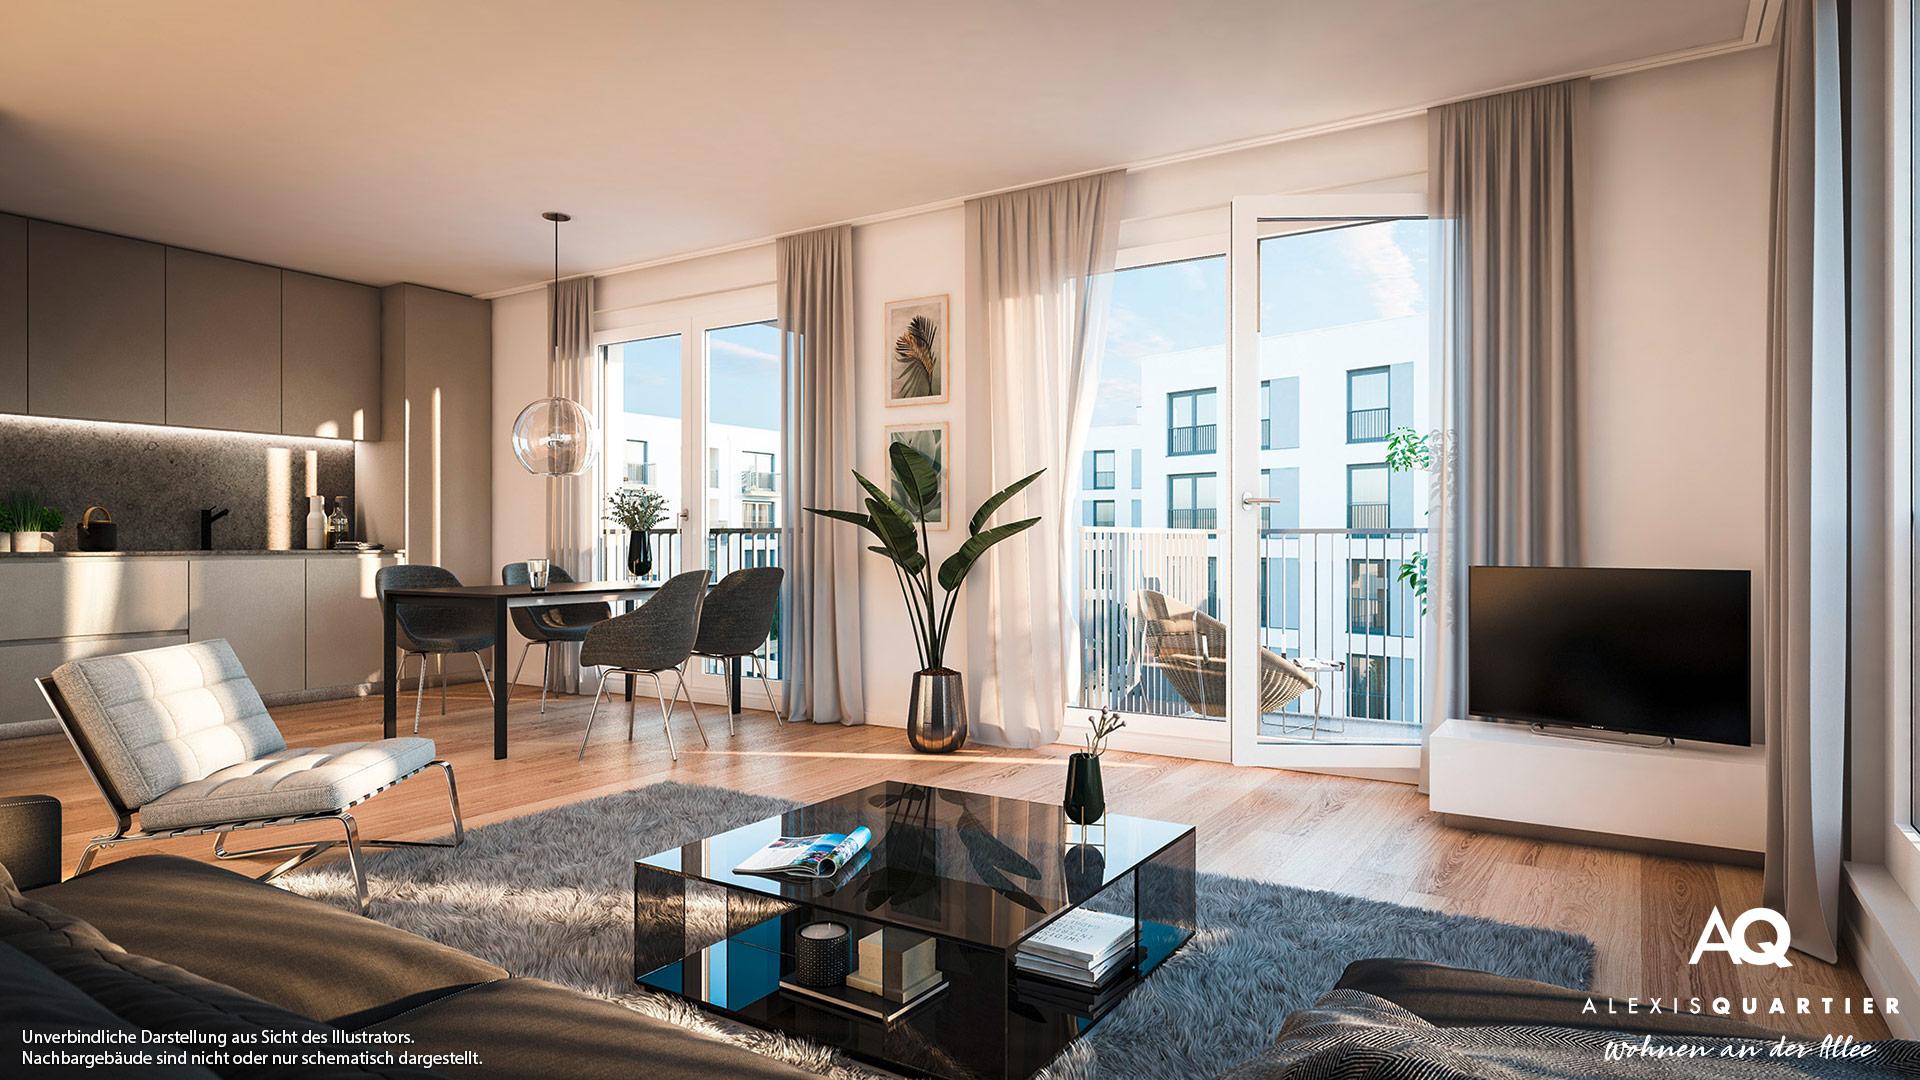 Immobilie Alexisquartier - Wohnen an der Allee - Illustration 9